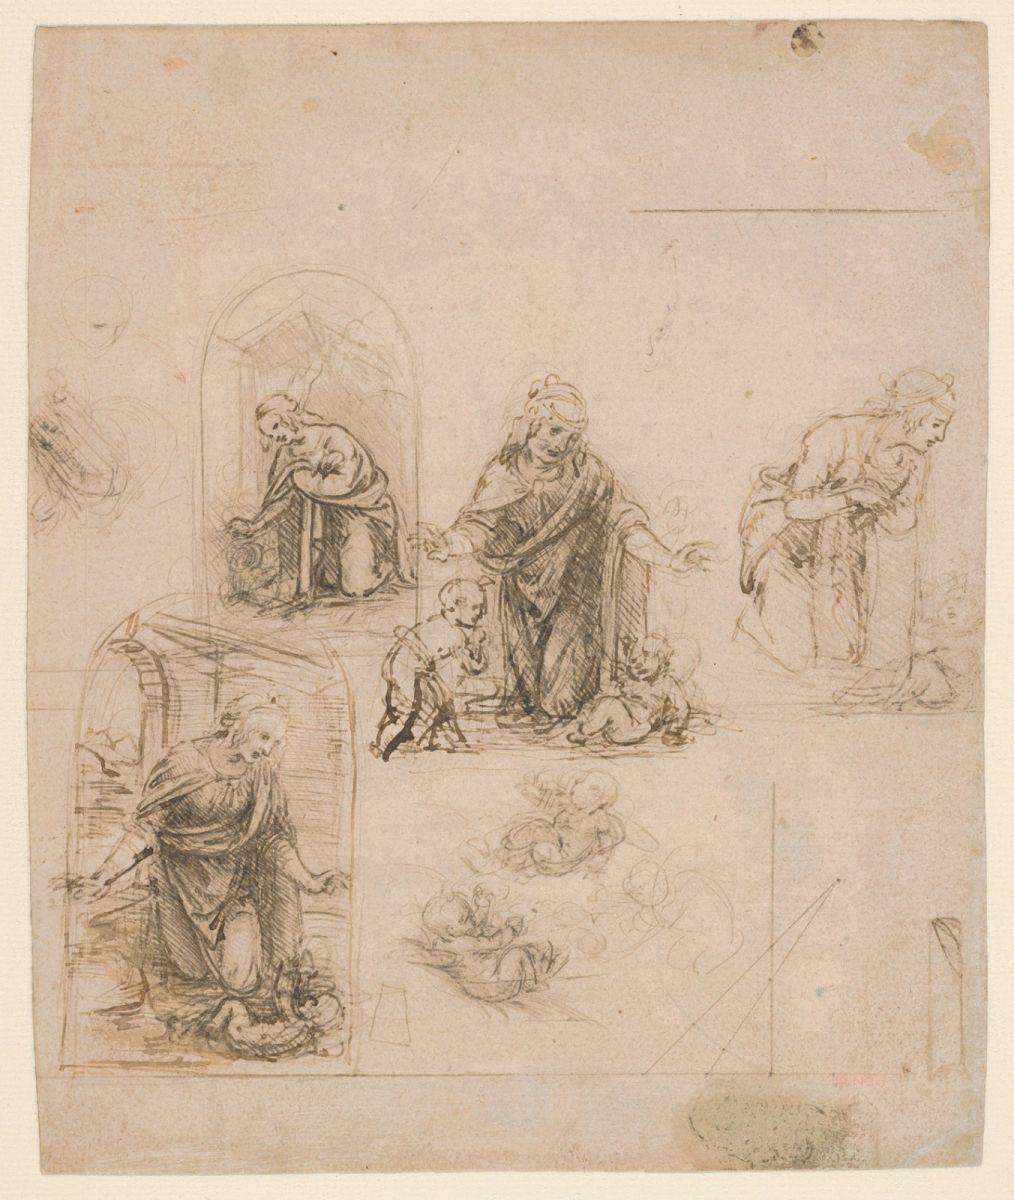 大都会博物馆纪念达芬奇去世500周年_图1-3